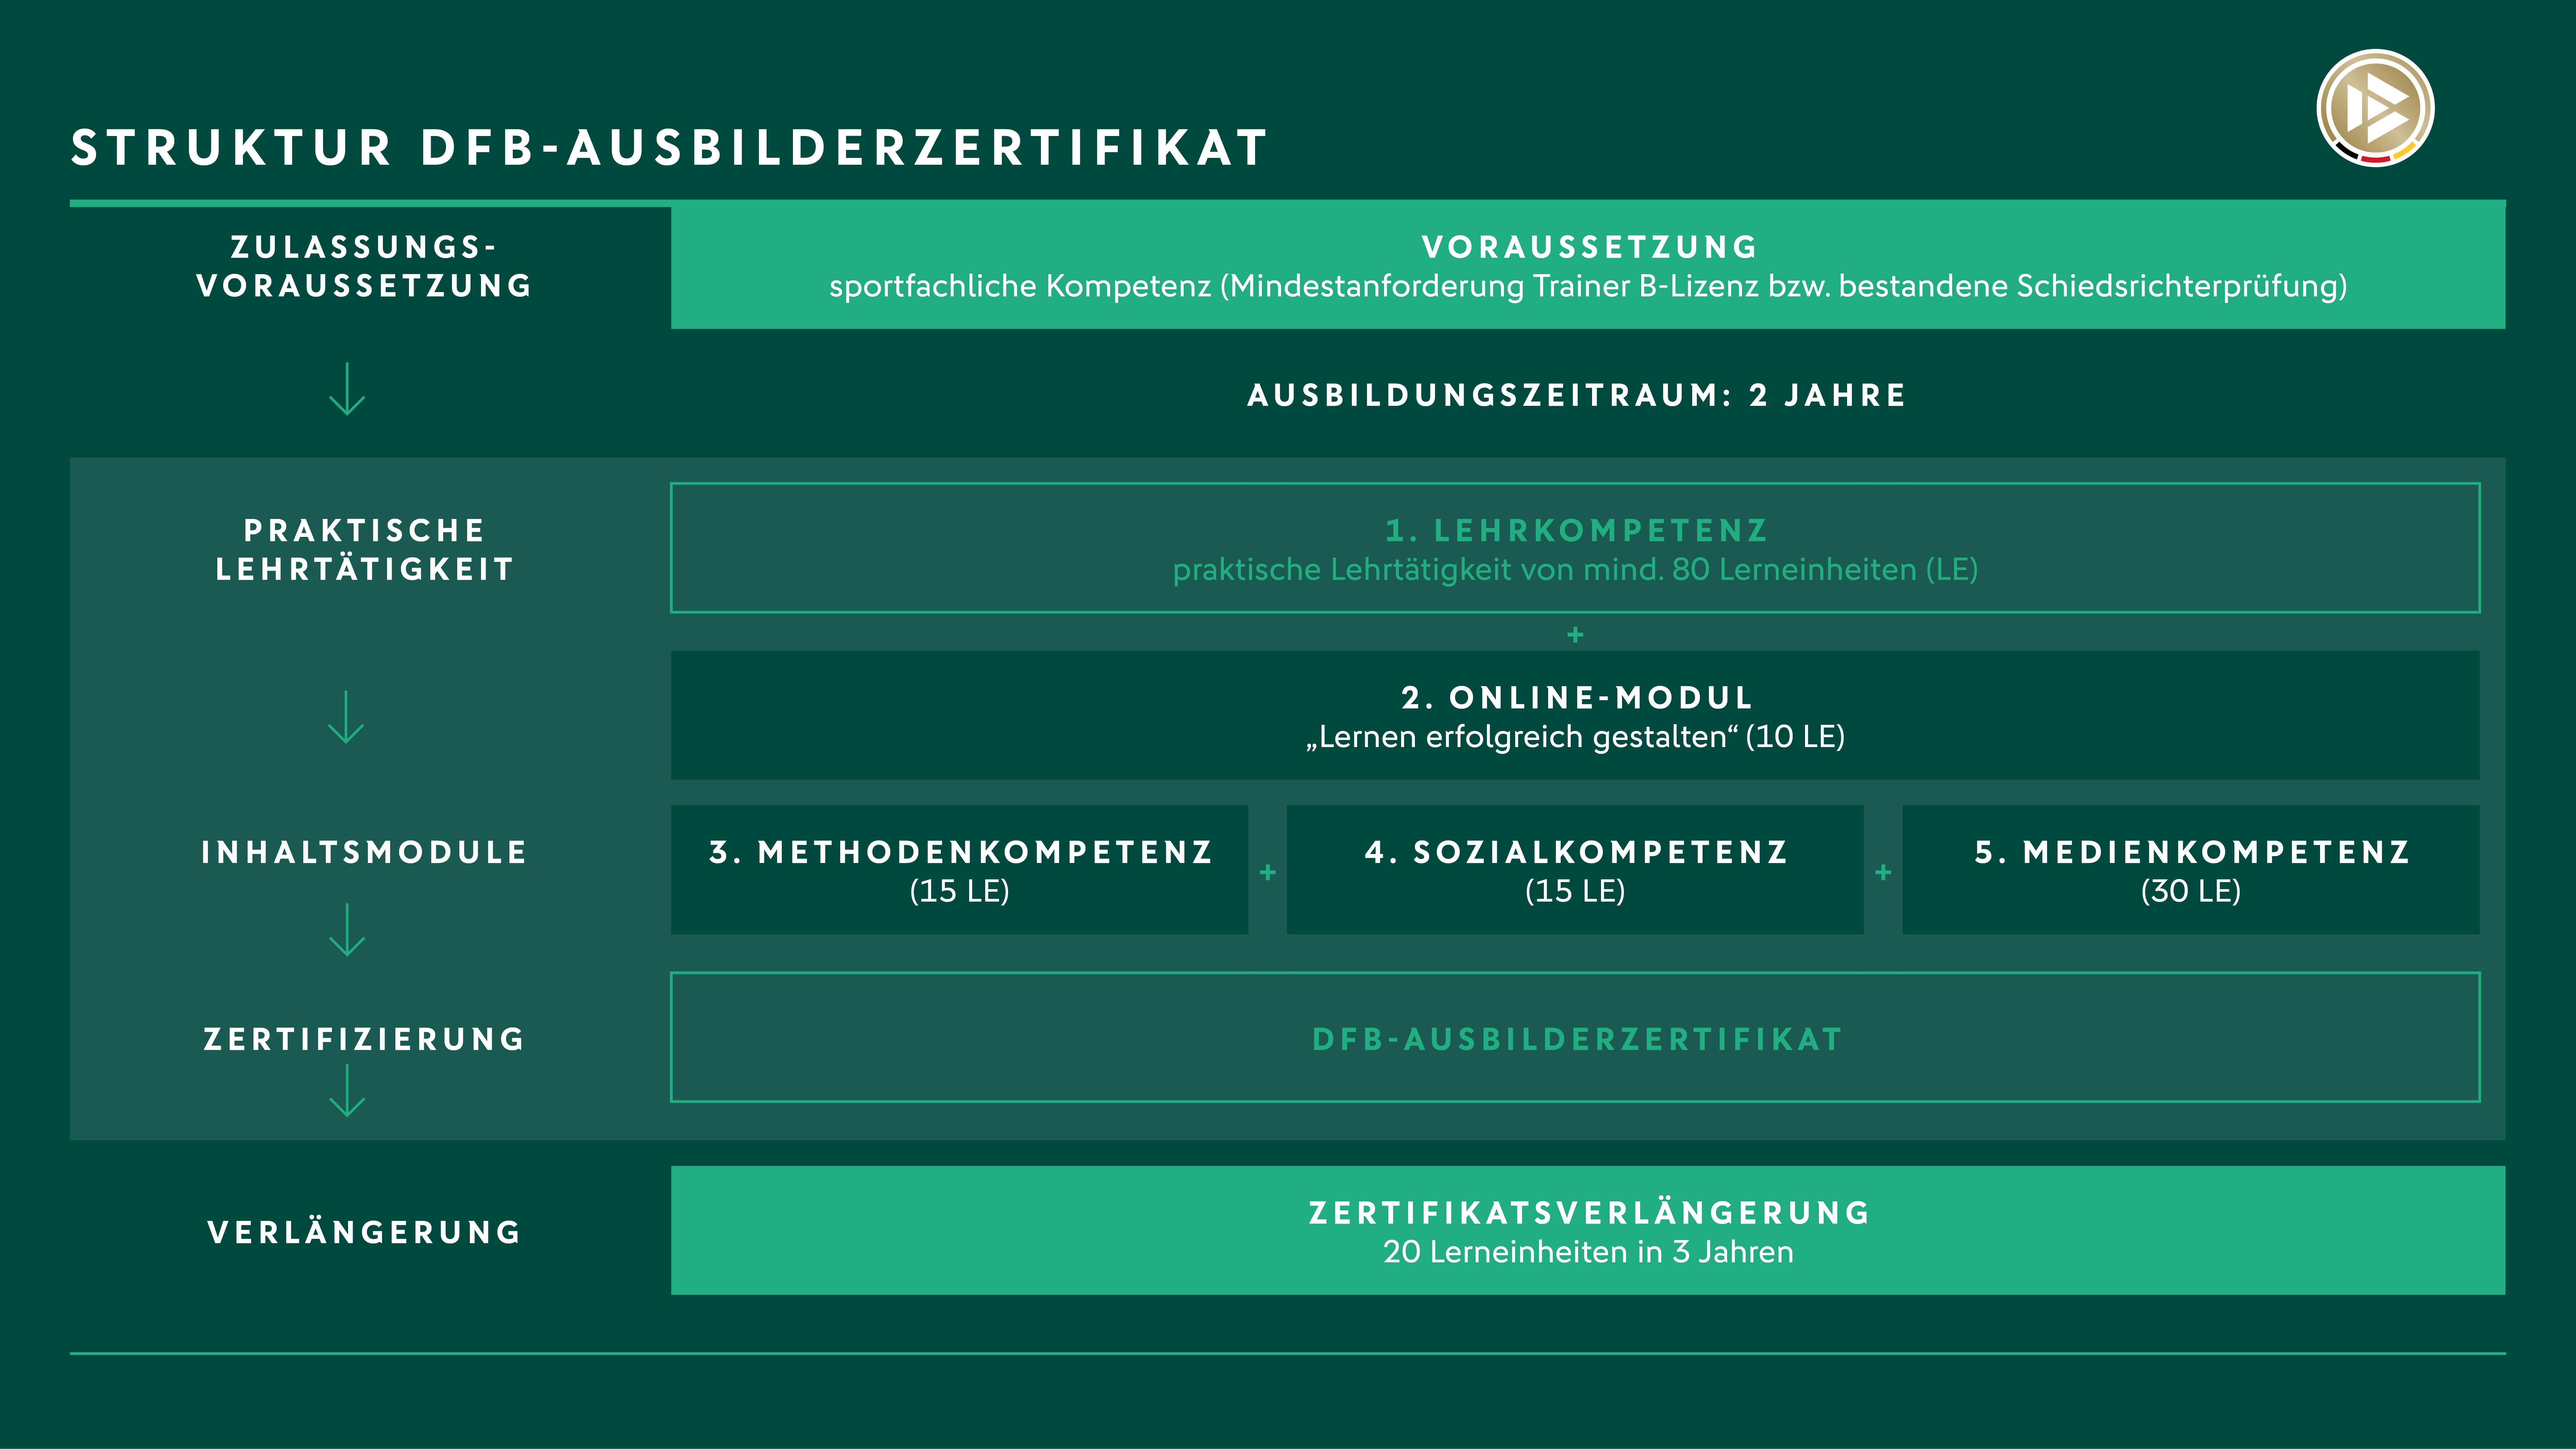 Darstellung der Struktur des DFB-Ausbilderzertifikats mit Ablauf, Inhalt, Dauer, Zertifizierung und Verlängerung der Weiterbildung.